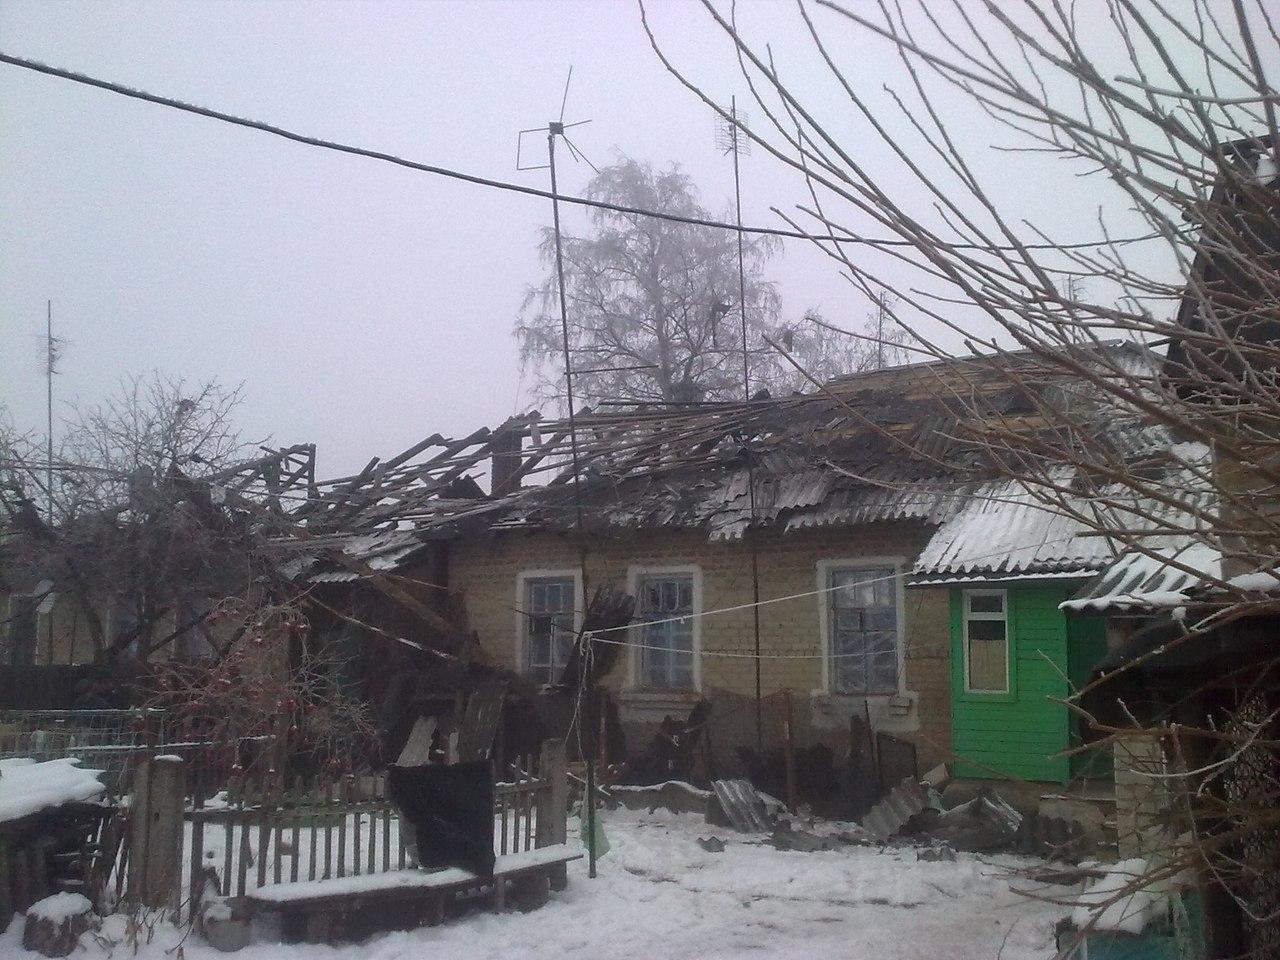 Знакомства луганская обл, город попасная знакомства d мурманске topic index